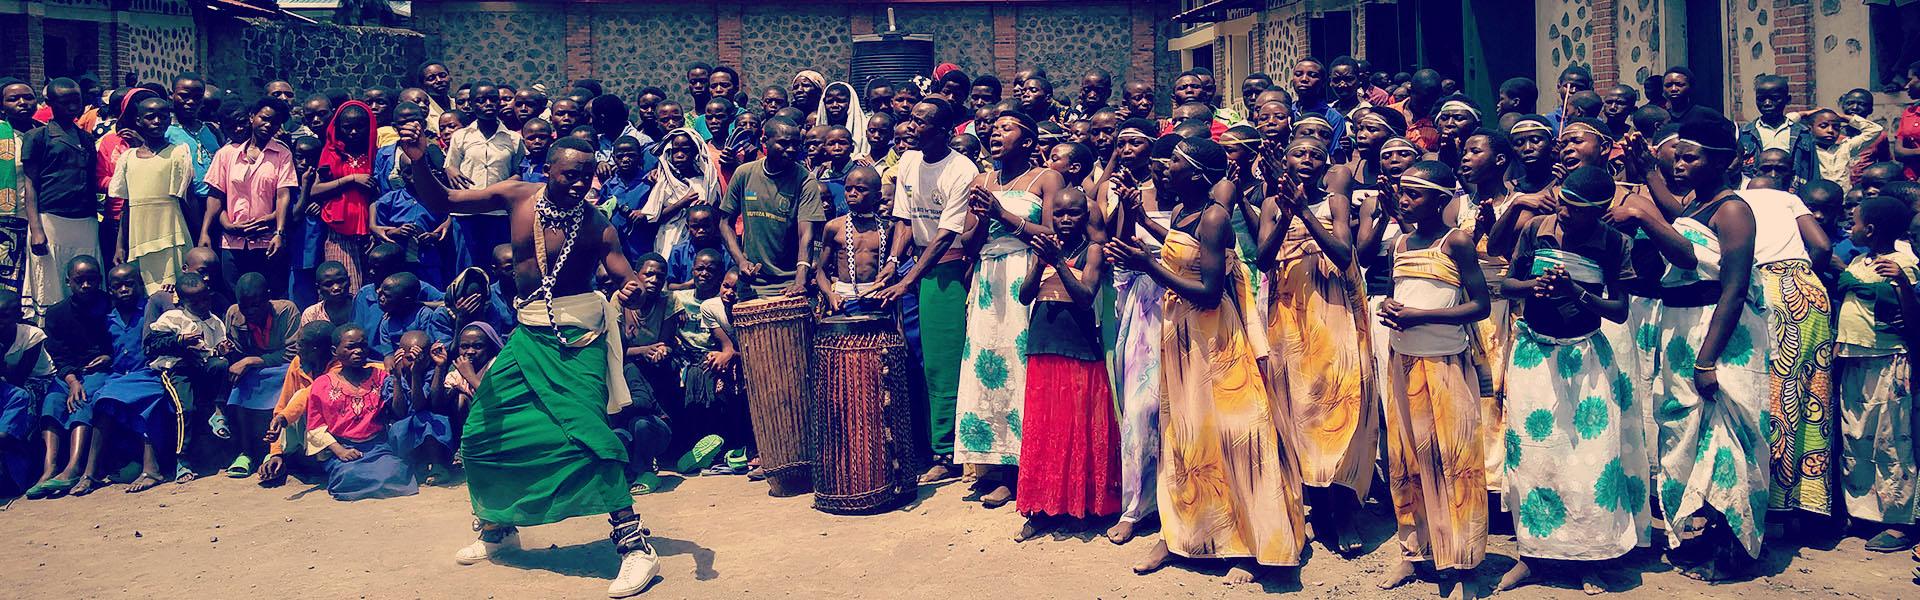 Misje Karmelitańskie w Afryce